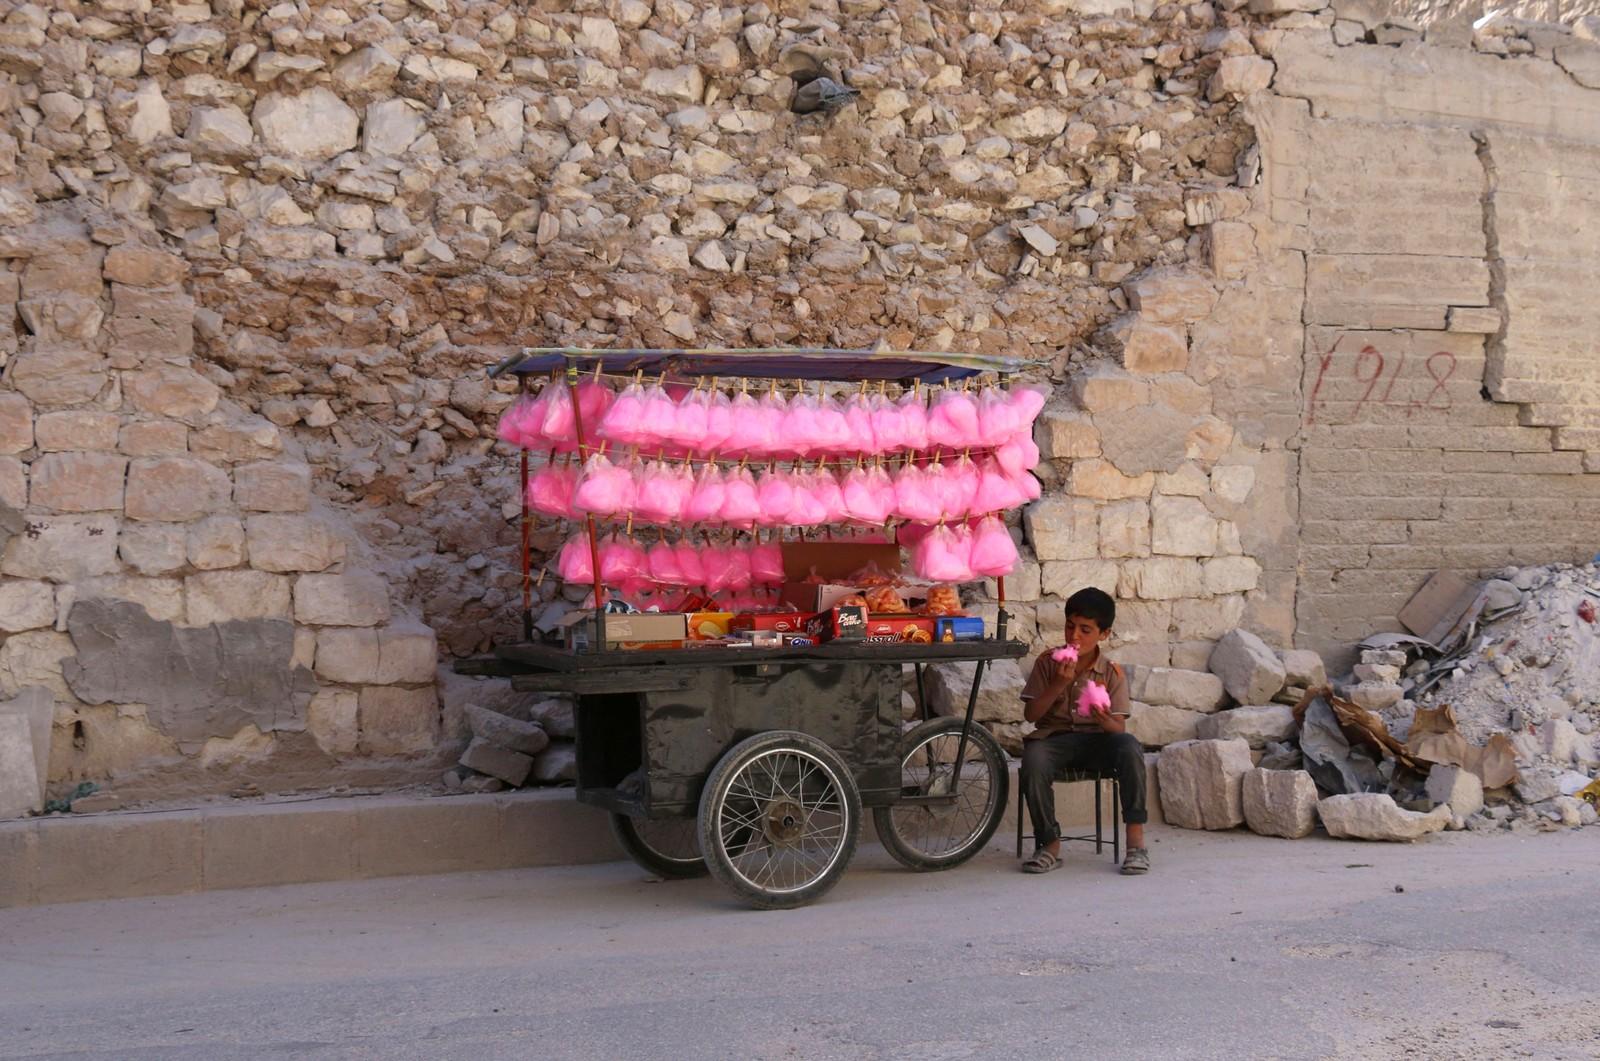 En syrisk gutt som selger sukkerspinn forsyner seg av varene i al-Bab.